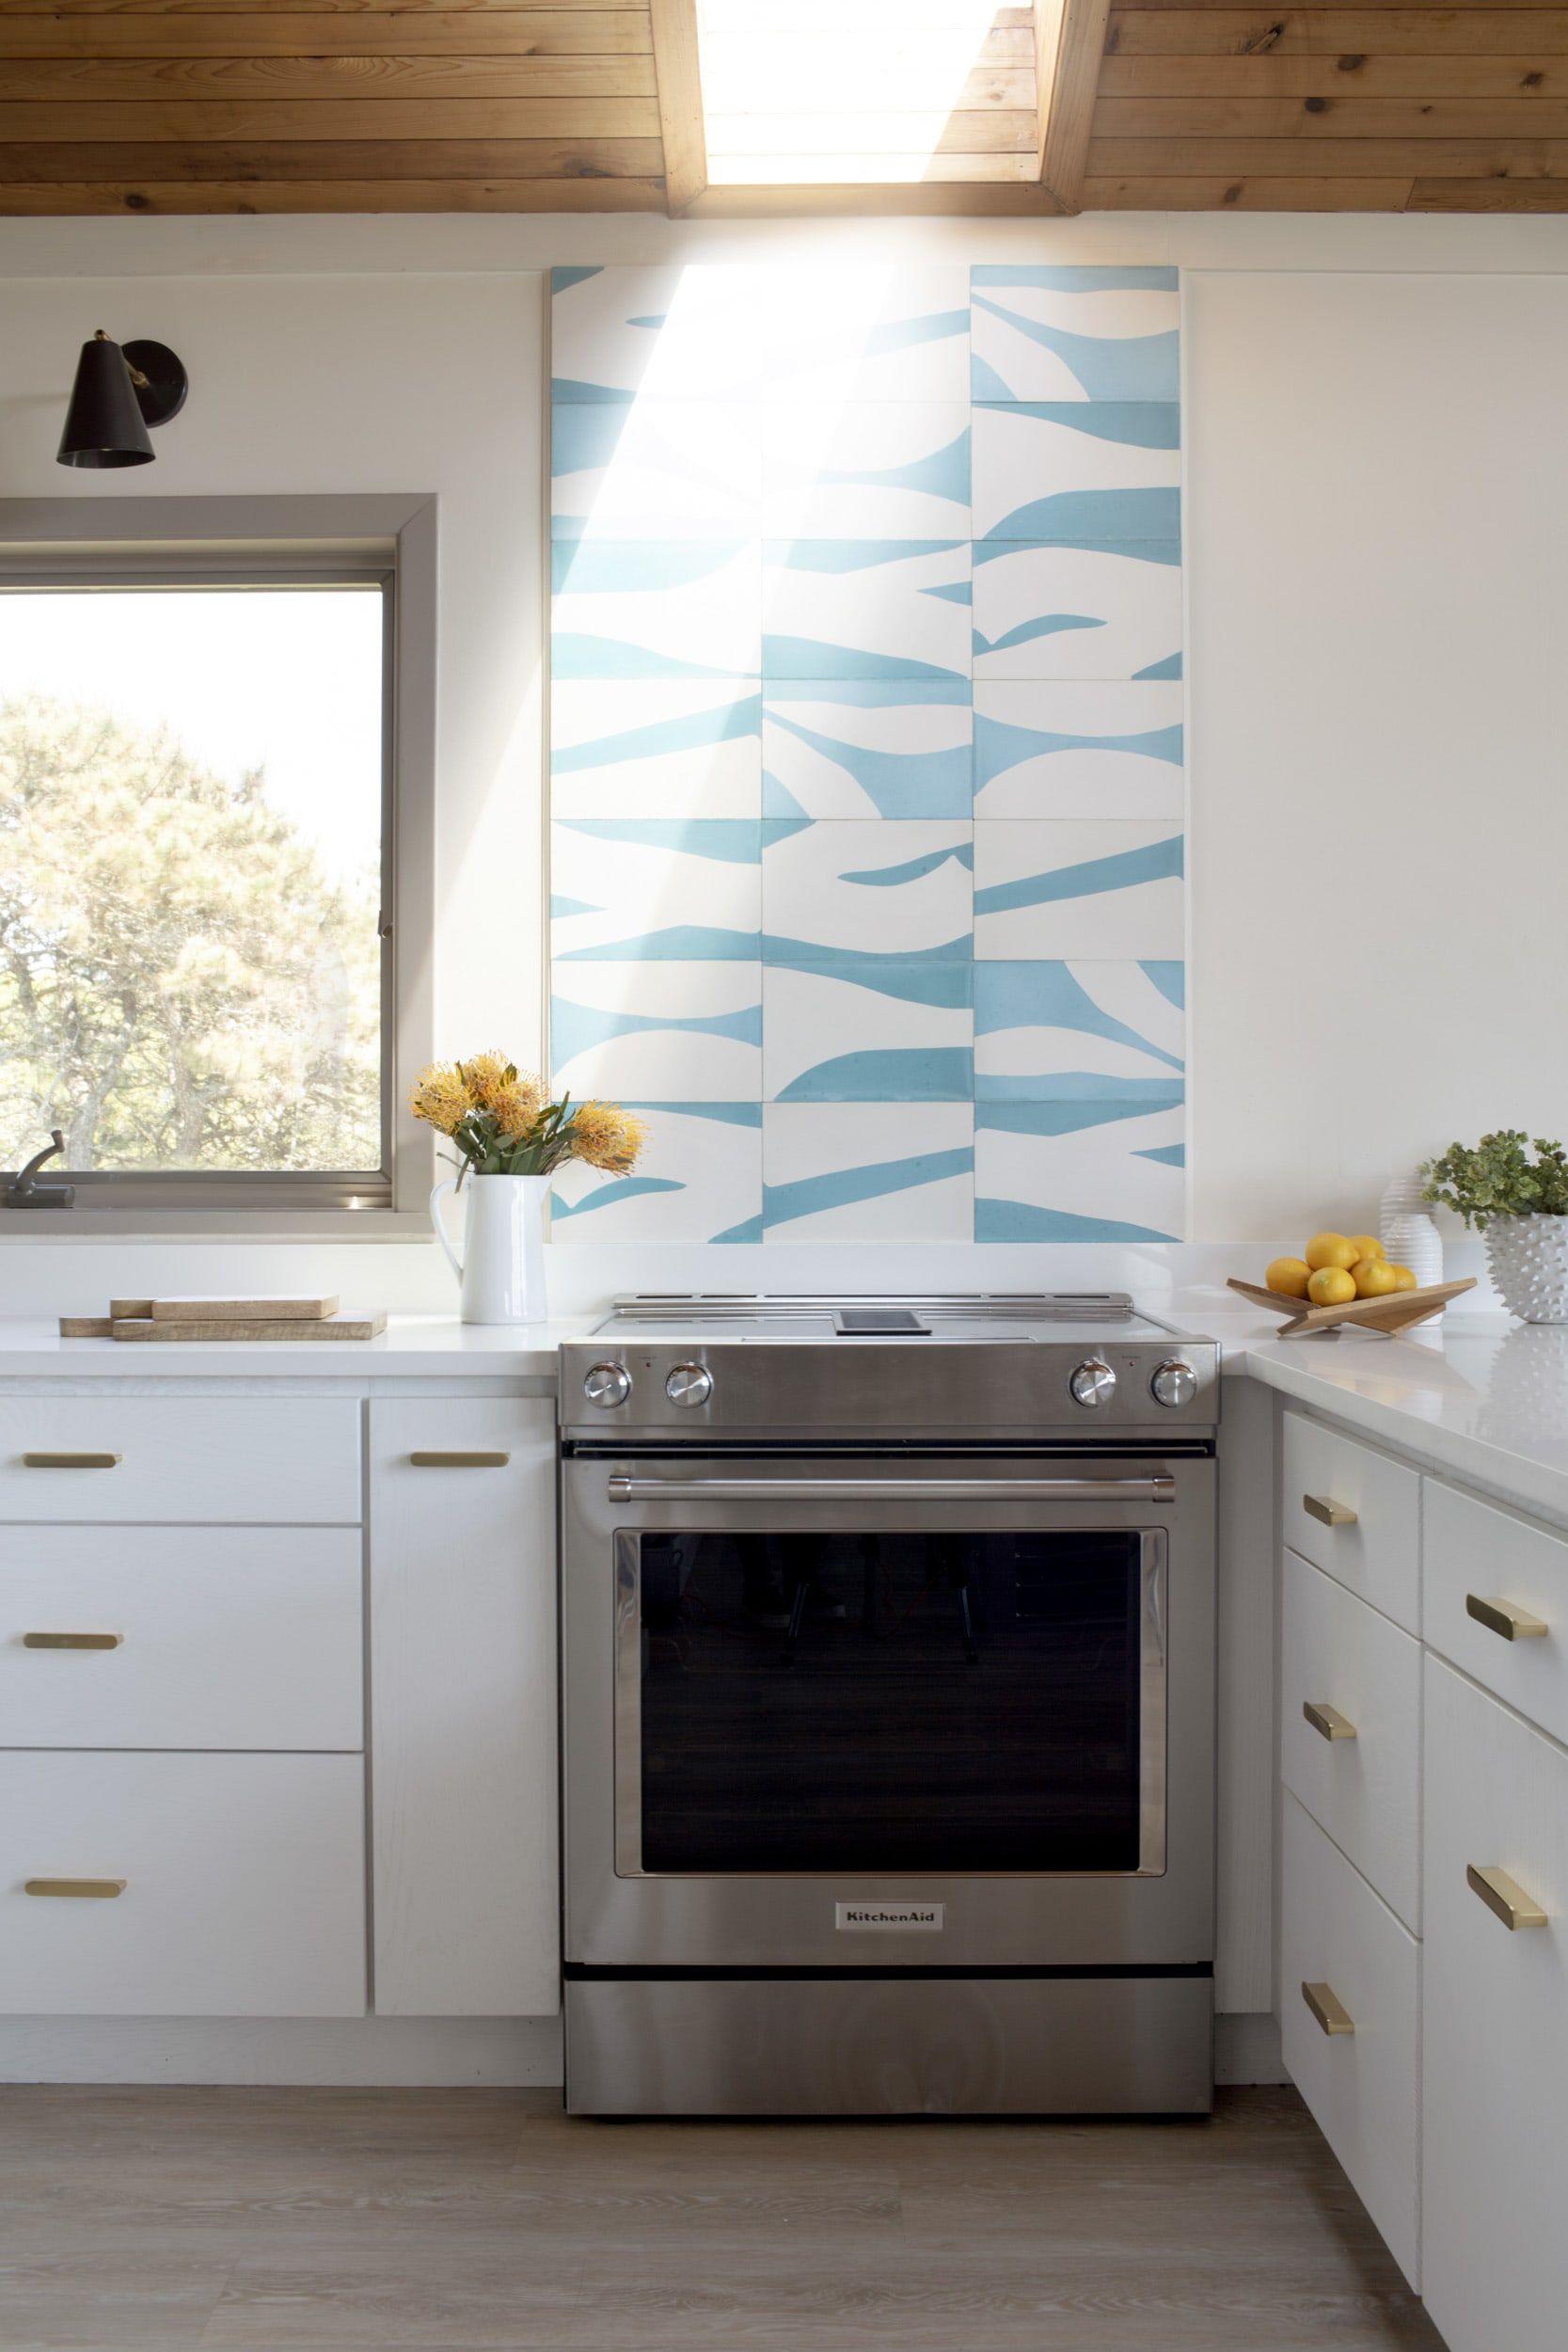 Modern Marthas Vineyard Surfer Home Renovation Kitchen Backsplash Trends Kitchen Tiles Design Tile Trends